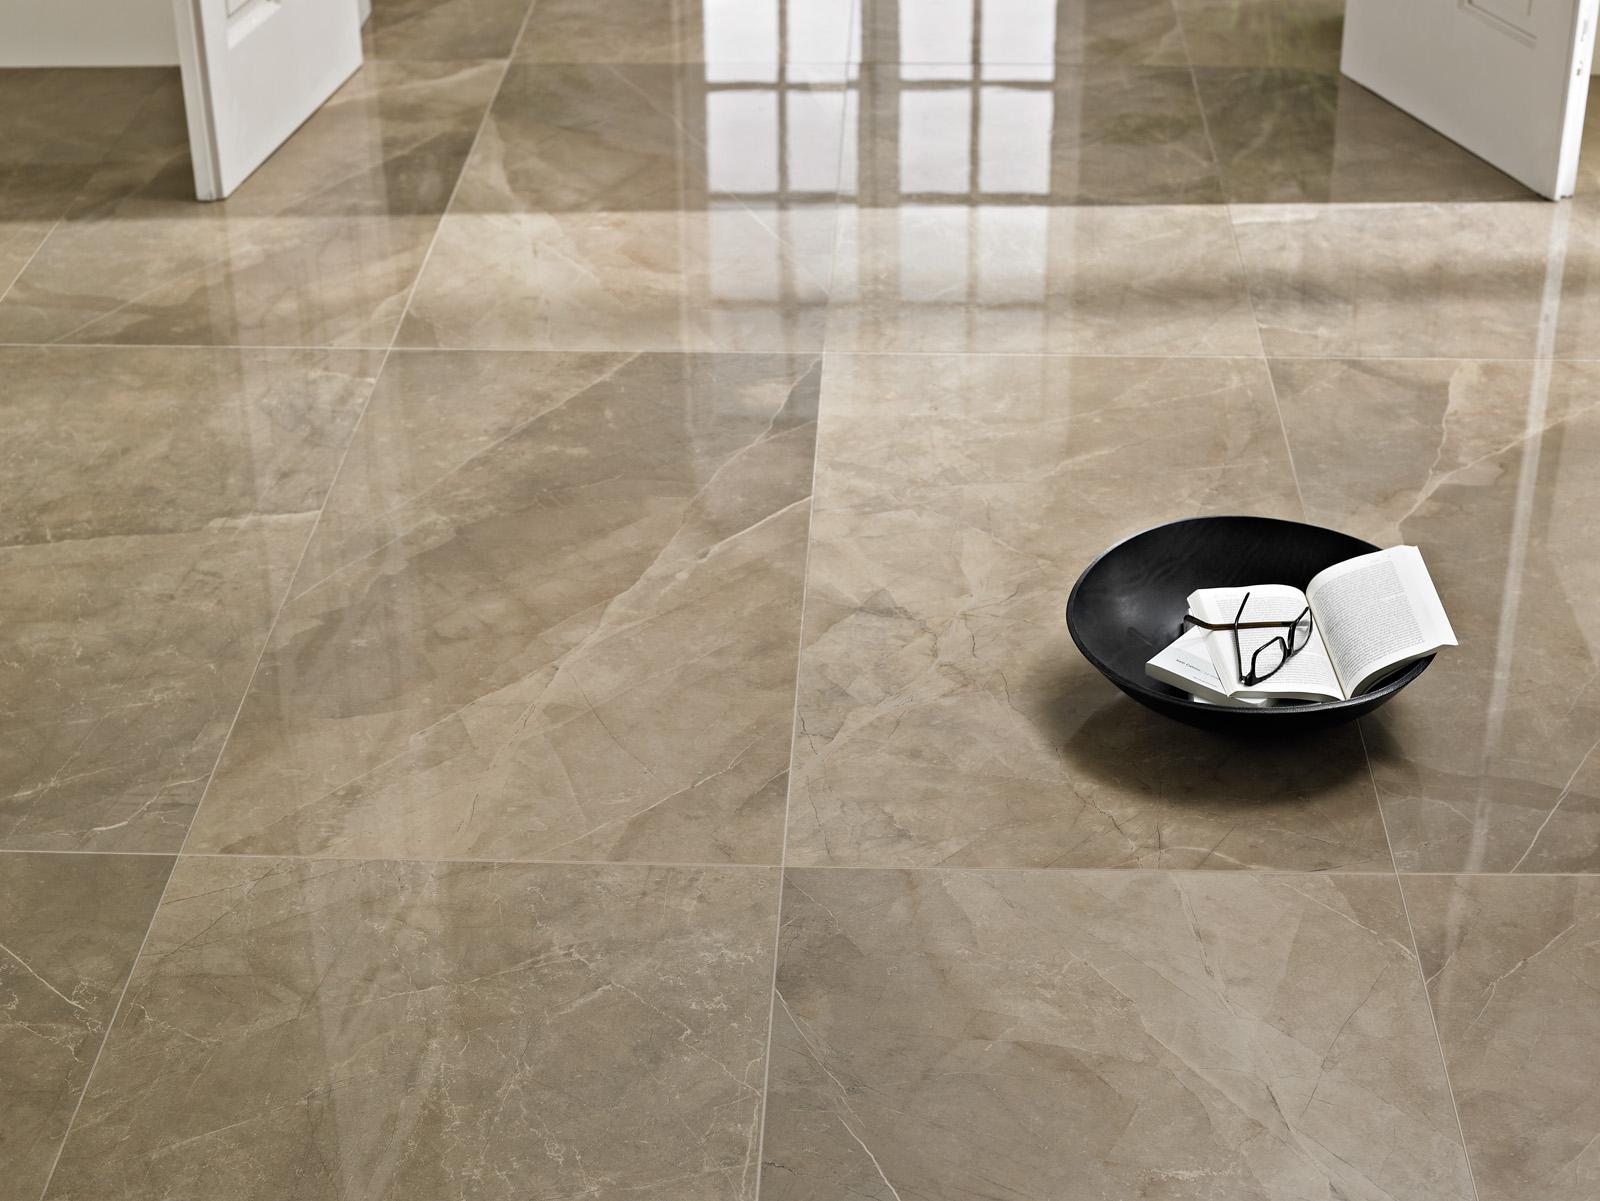 Evolutionmarble gres porcellanato effetto marmo marazzi - Piastrelle gres porcellanato effetto marmo ...